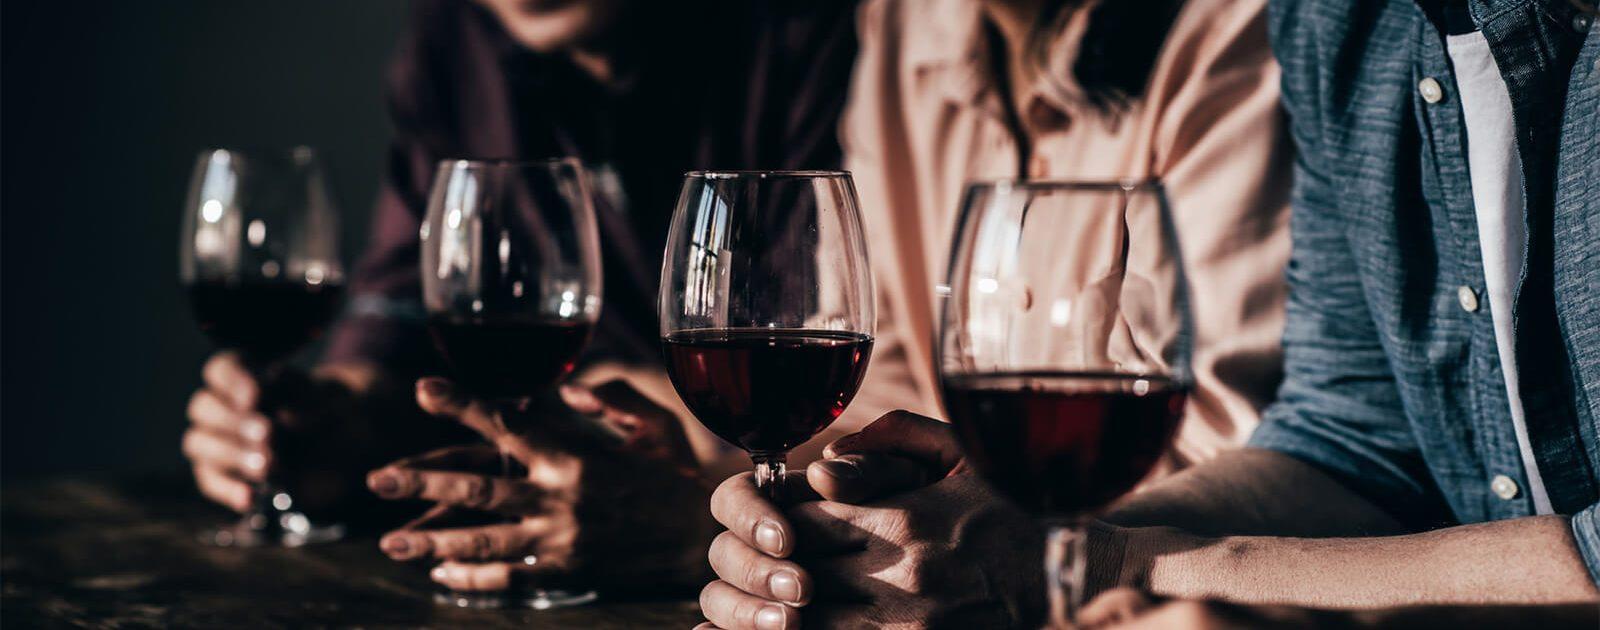 Zu viele Gläser mit Alkohol können zu Nervenschädigungen führen